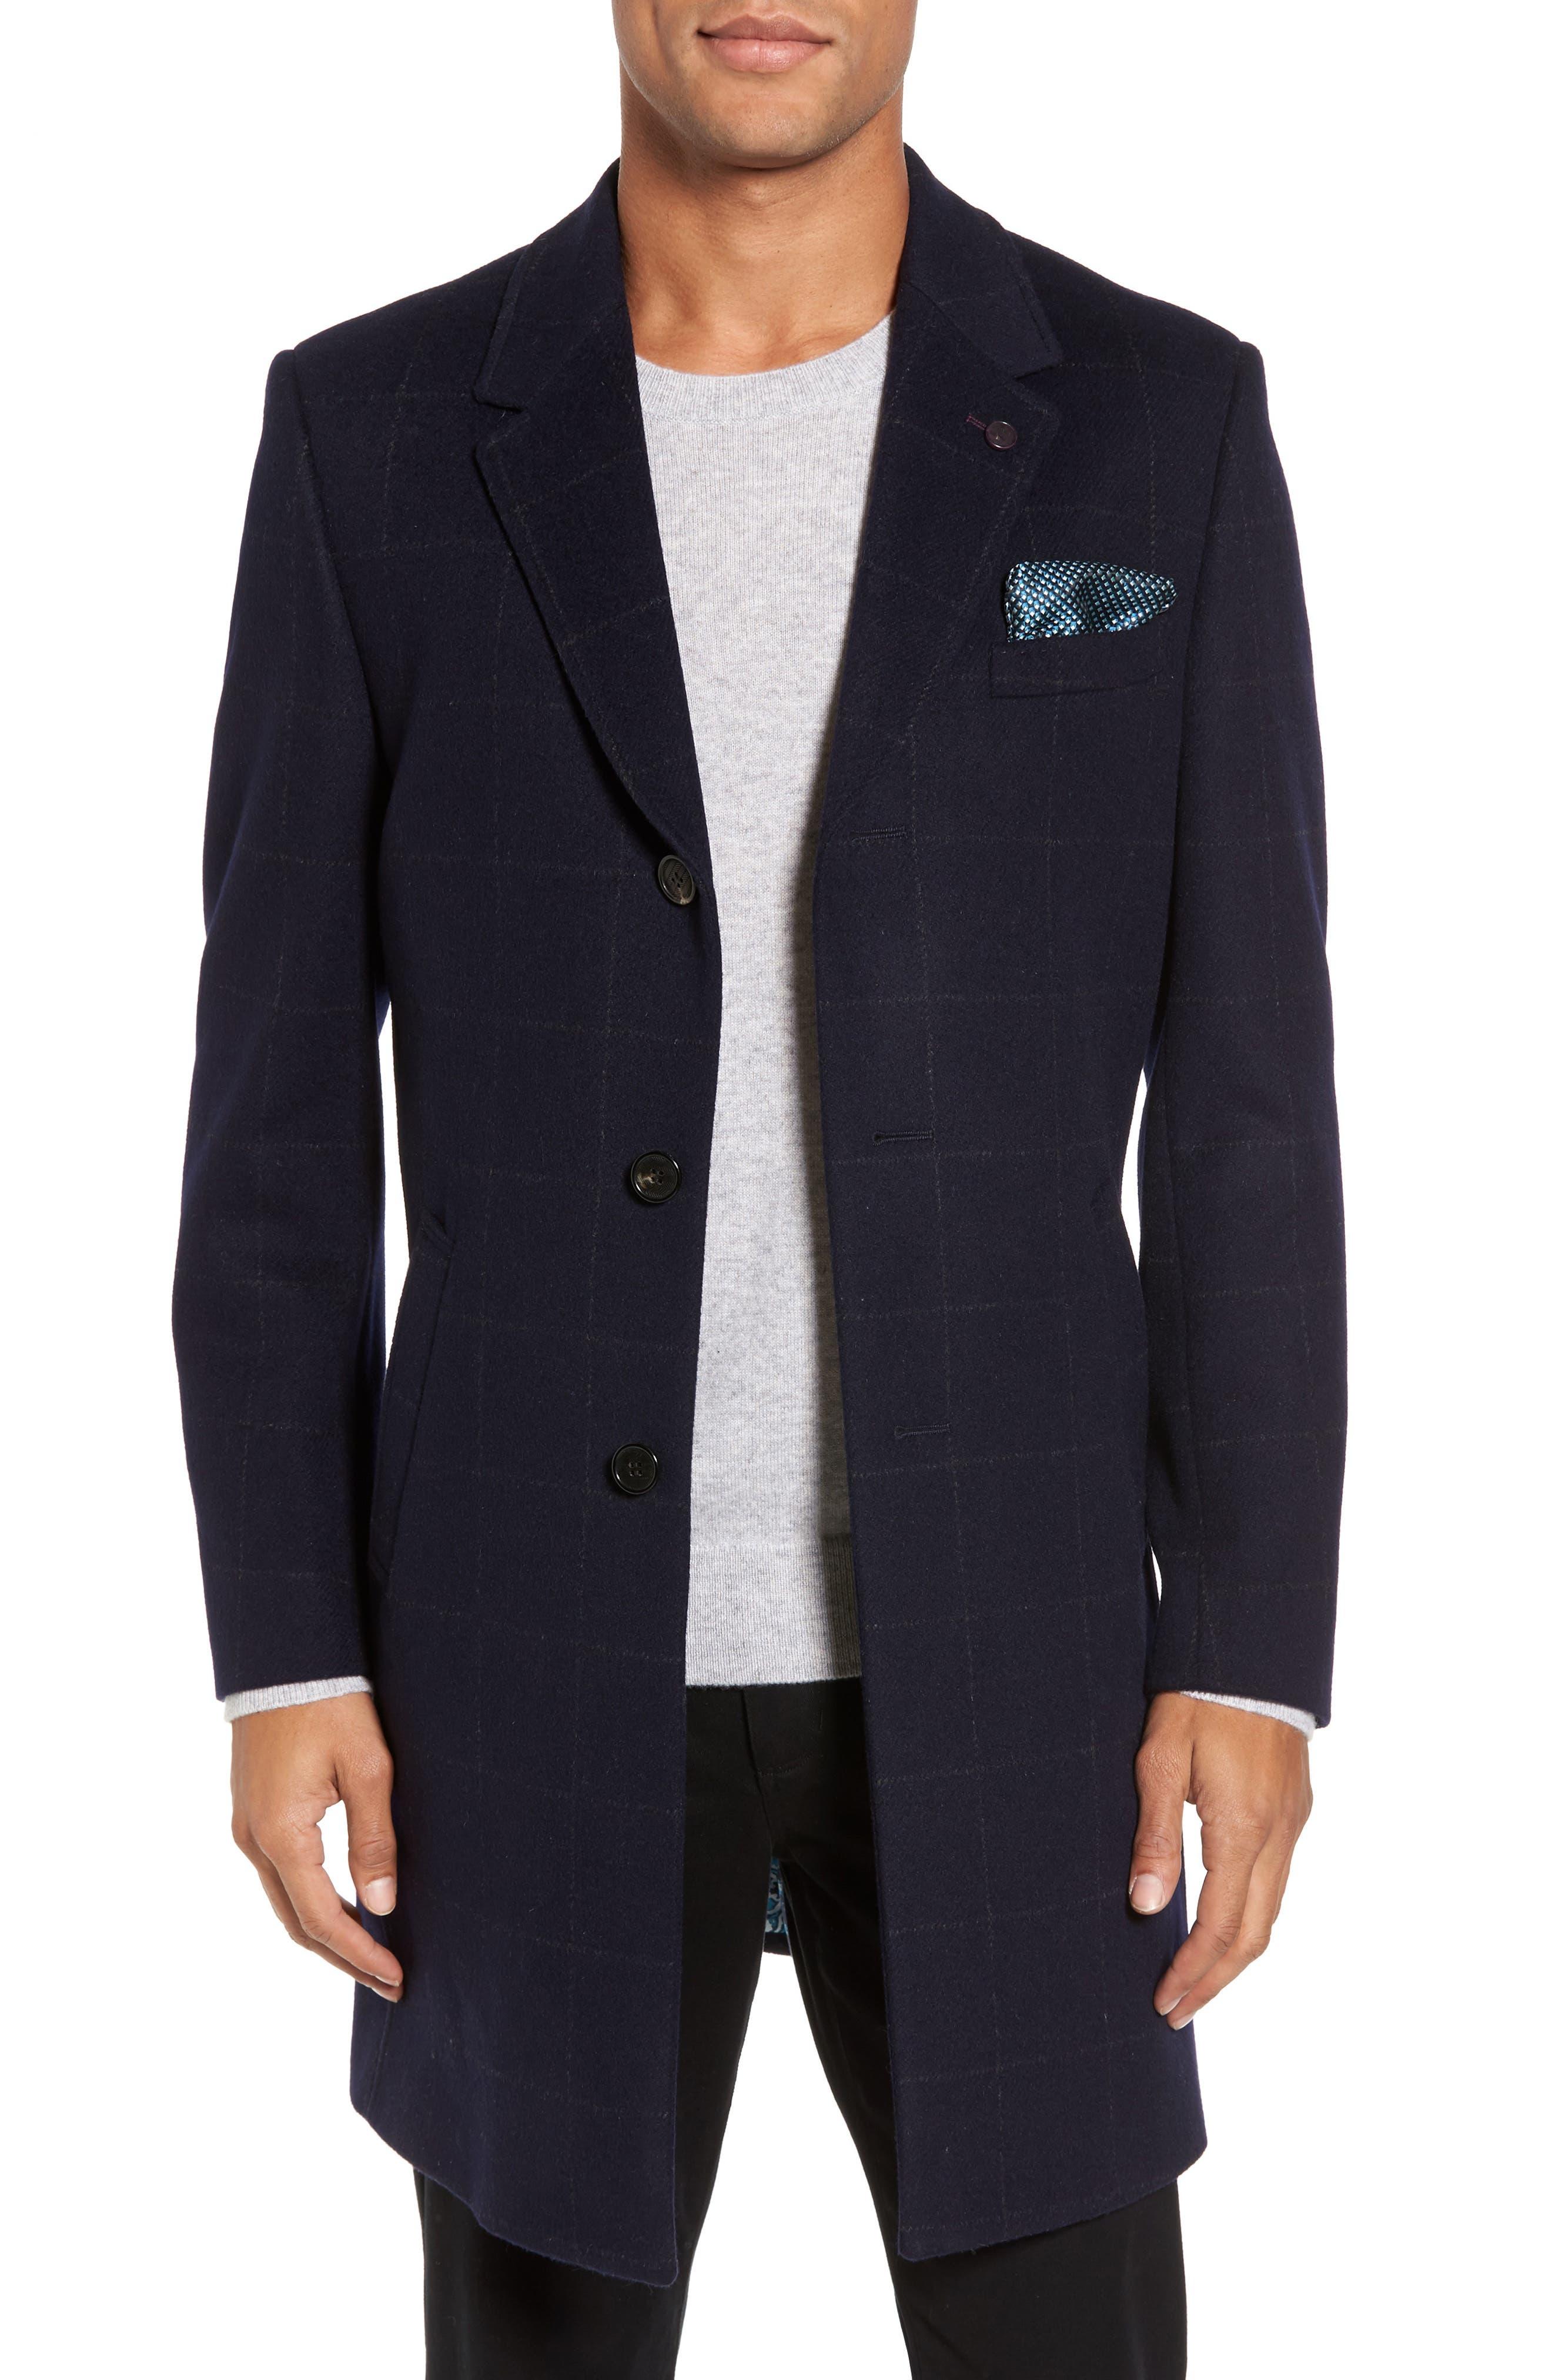 Main Image - Ted Baker London Endurance Wool Blend Overcoat